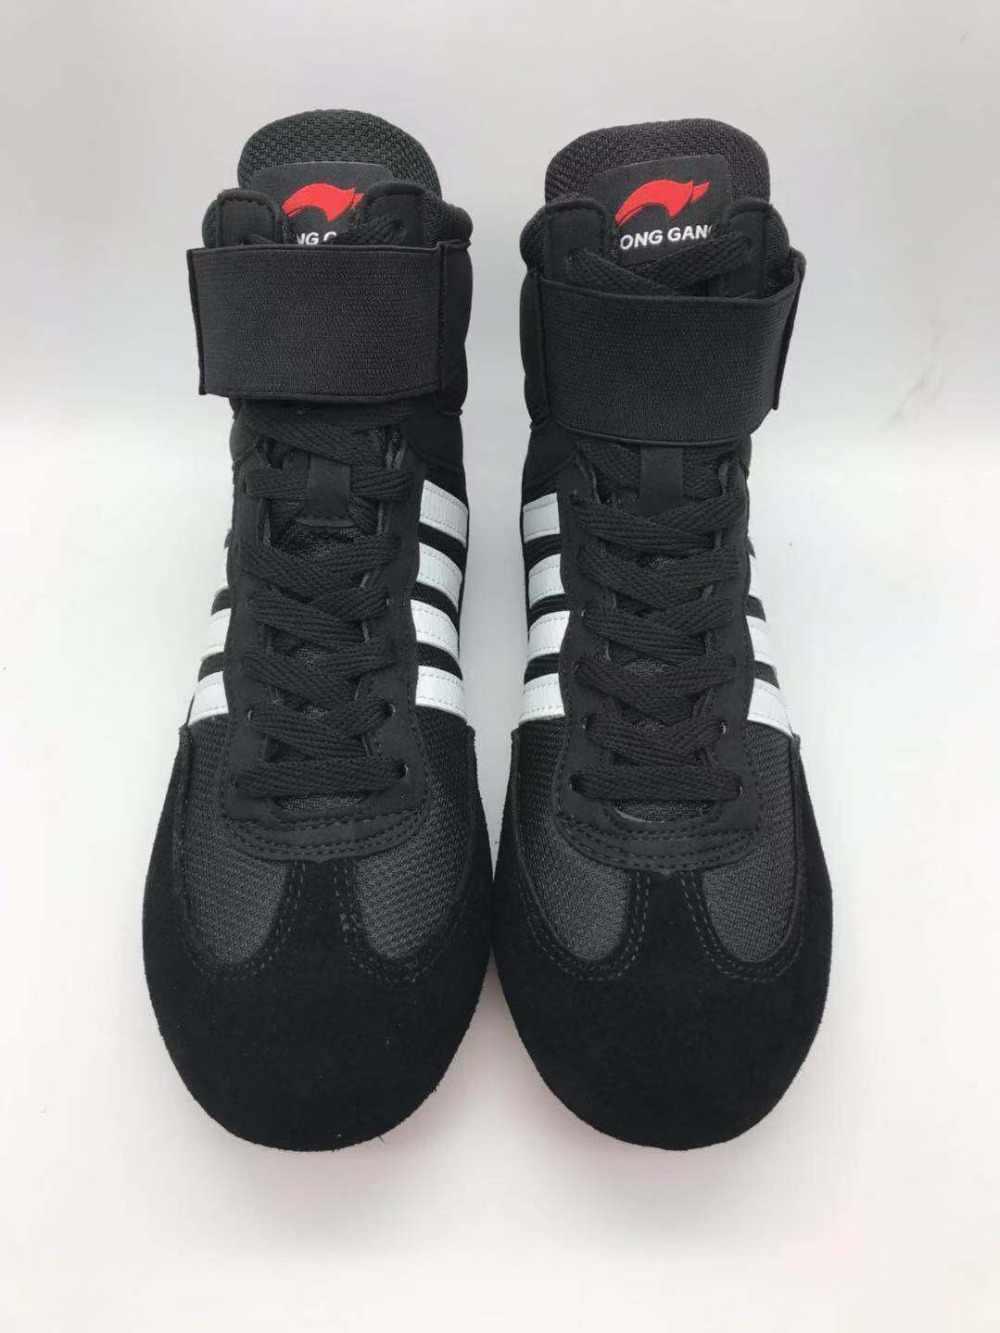 2019 الرجال والنساء أحذية مصارعة المطاط تسولي تنفس أحذية مصارعة النساء المصارعة زي أحذية للمصارعة